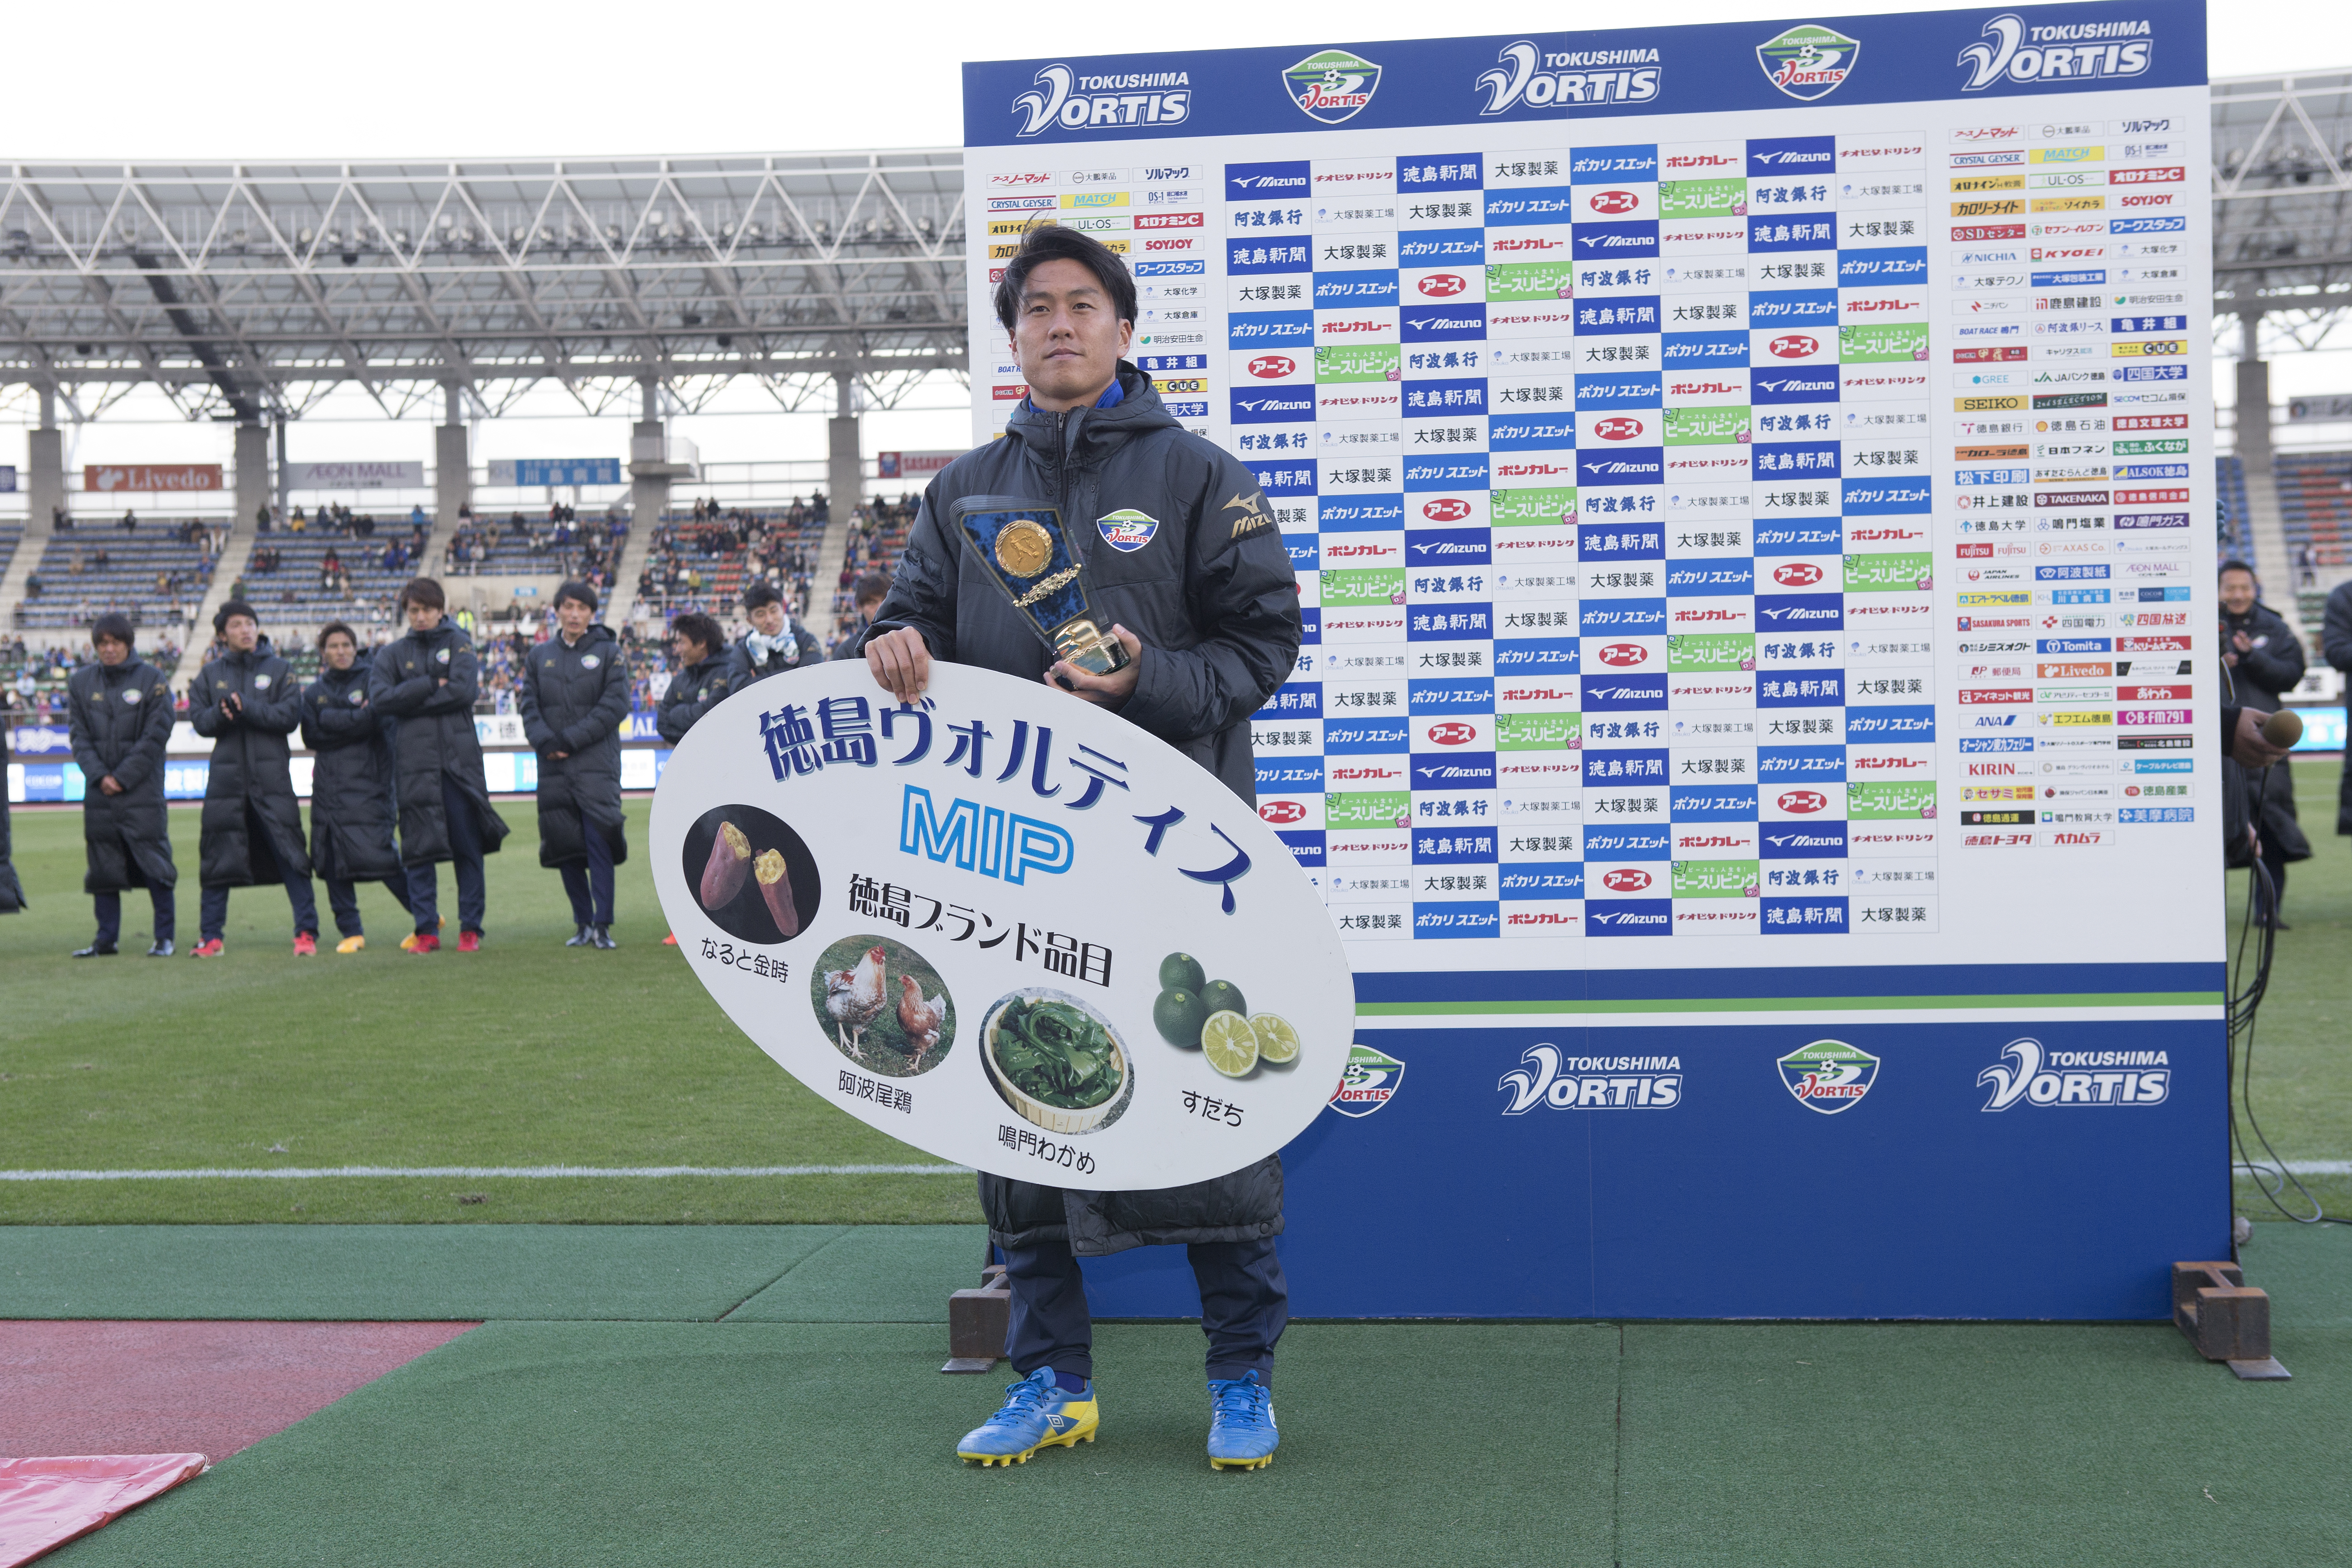 徳島 四国 ニュース 放送 新聞